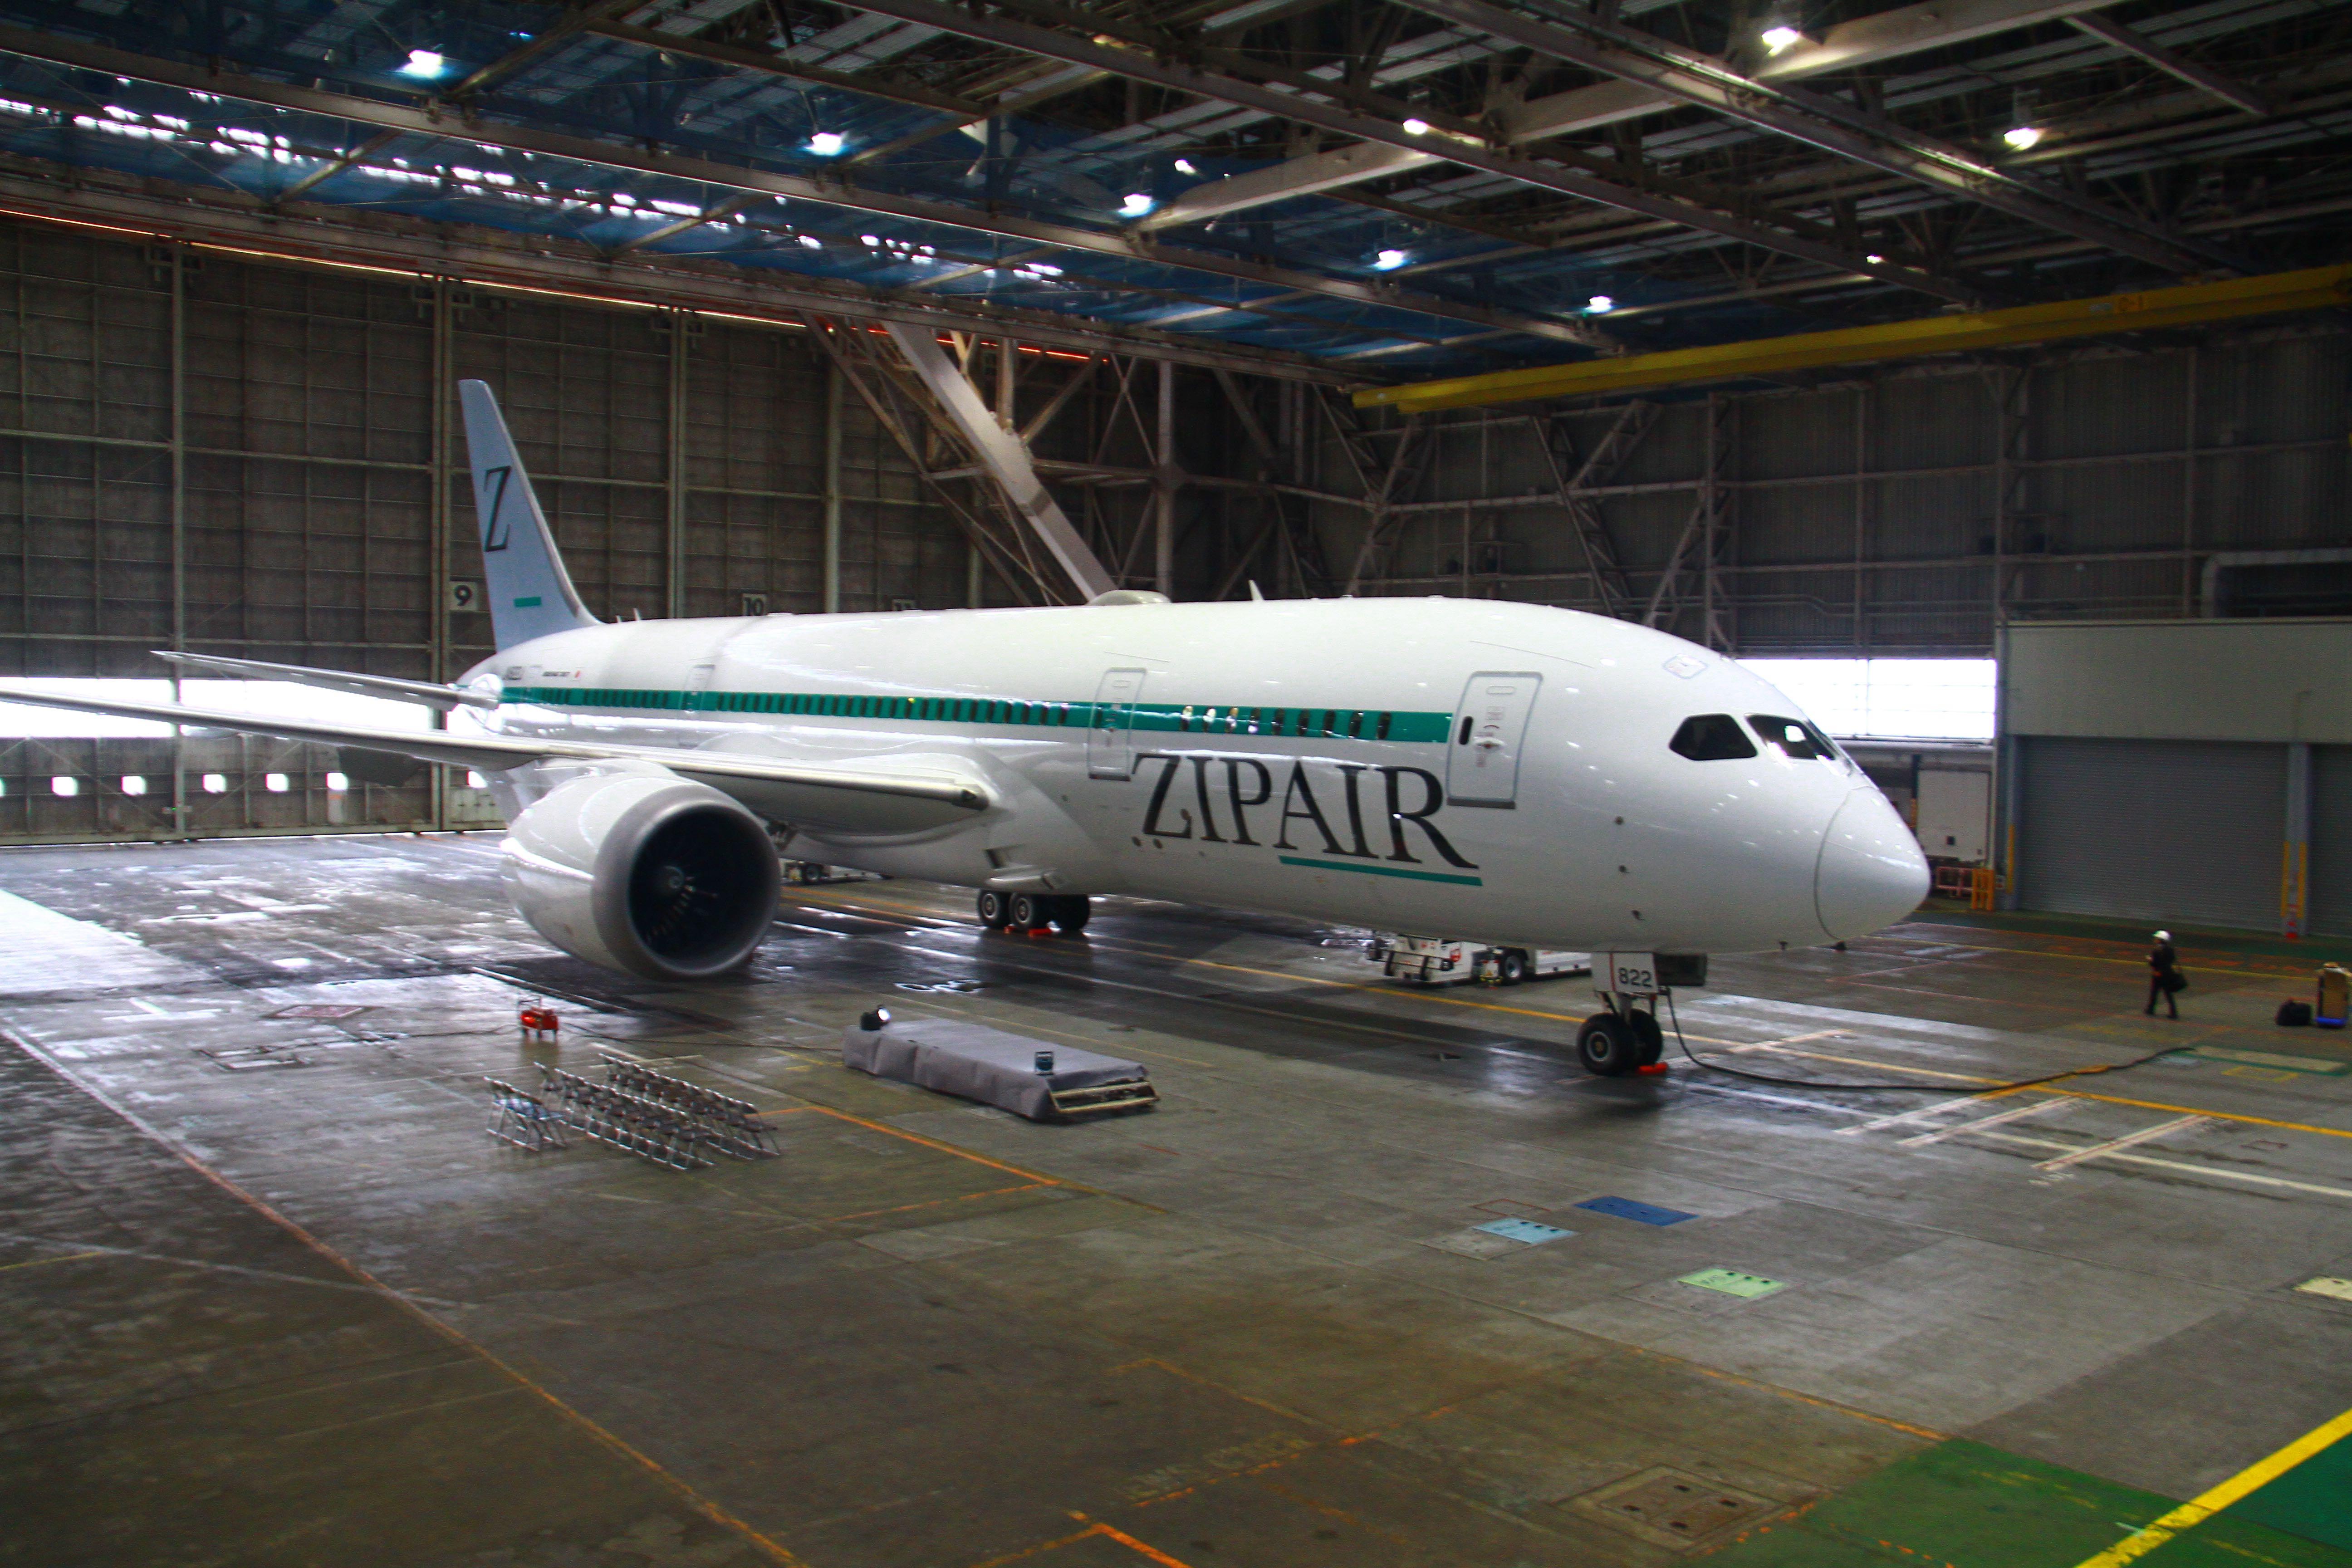 スターフライヤー、6月上旬も国内3路線で減便、北九州/那覇線は運休